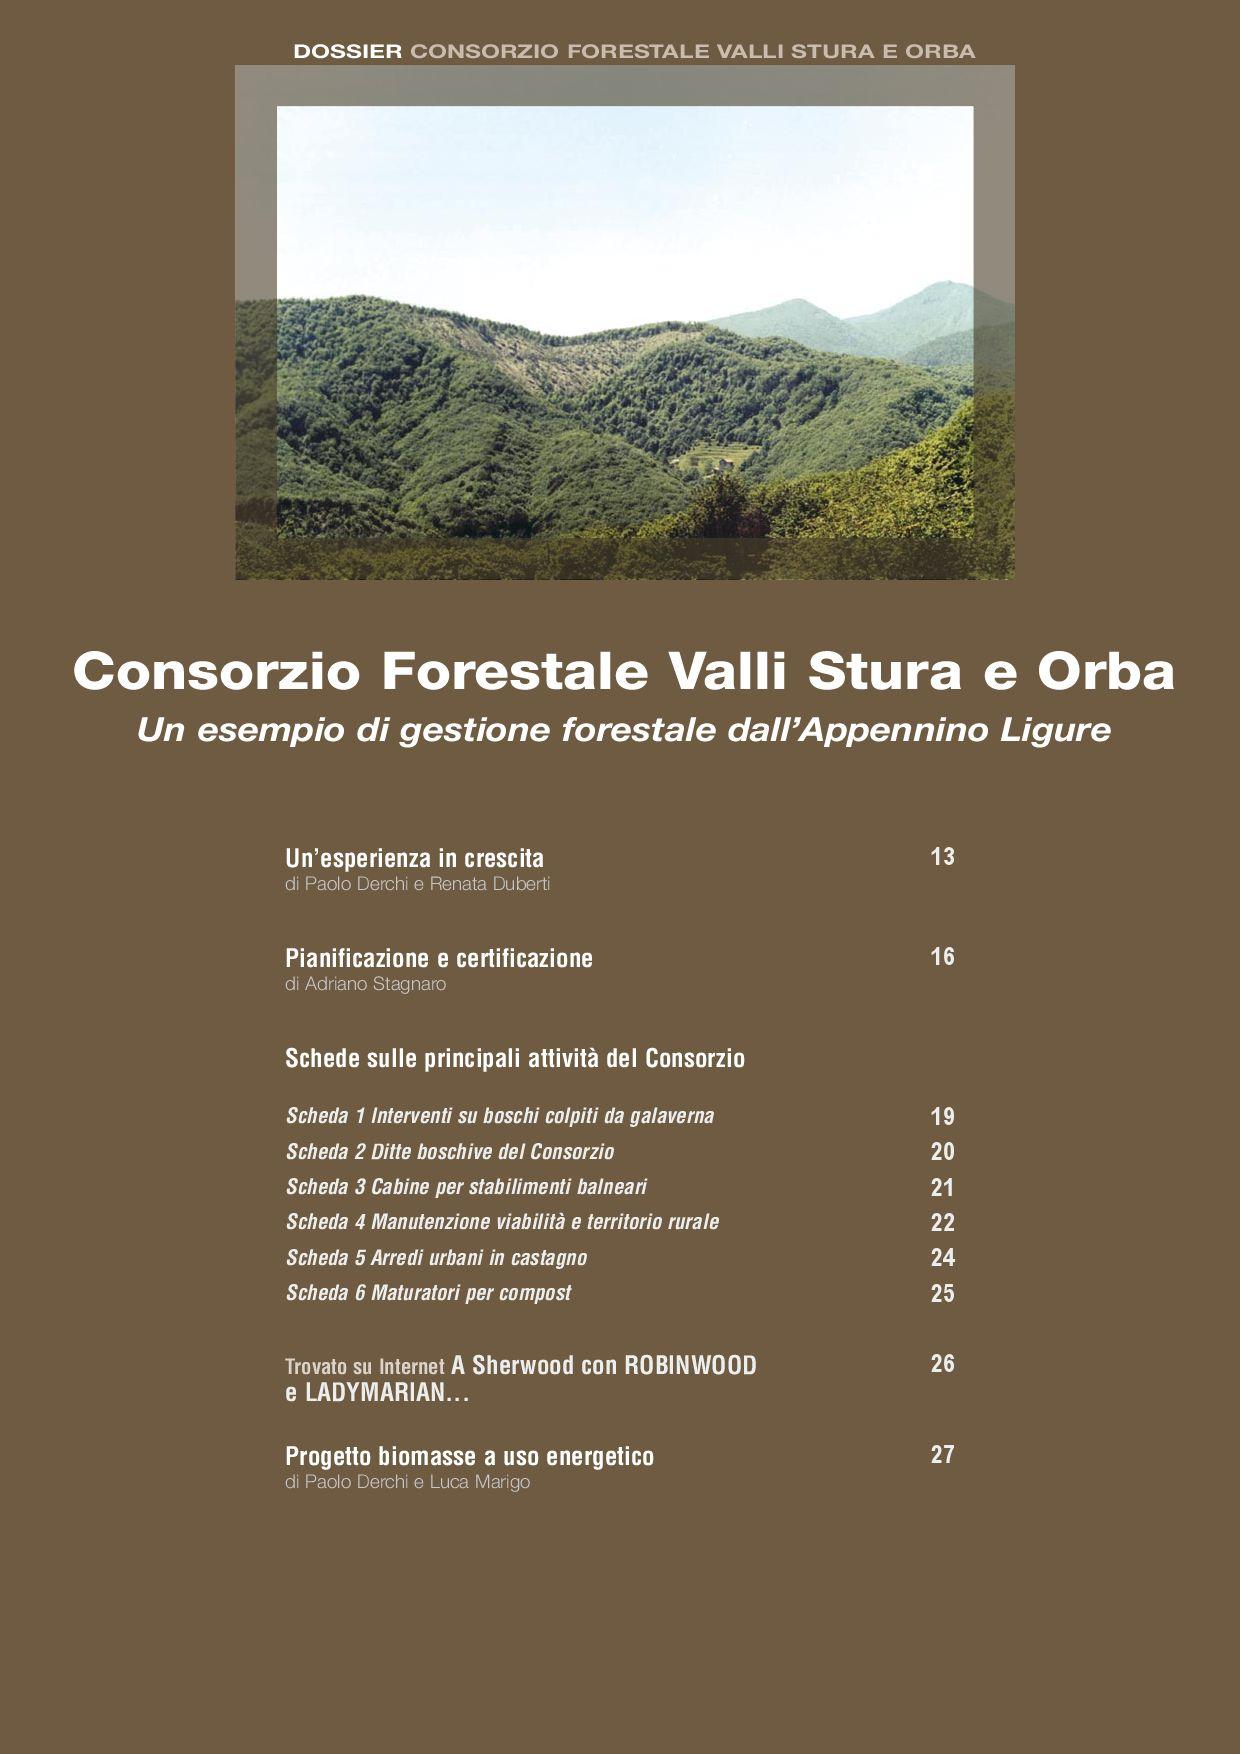 Falegnameria Puppo Campo Ligure dossier sherwood n°141 by cdf cdf - issuu